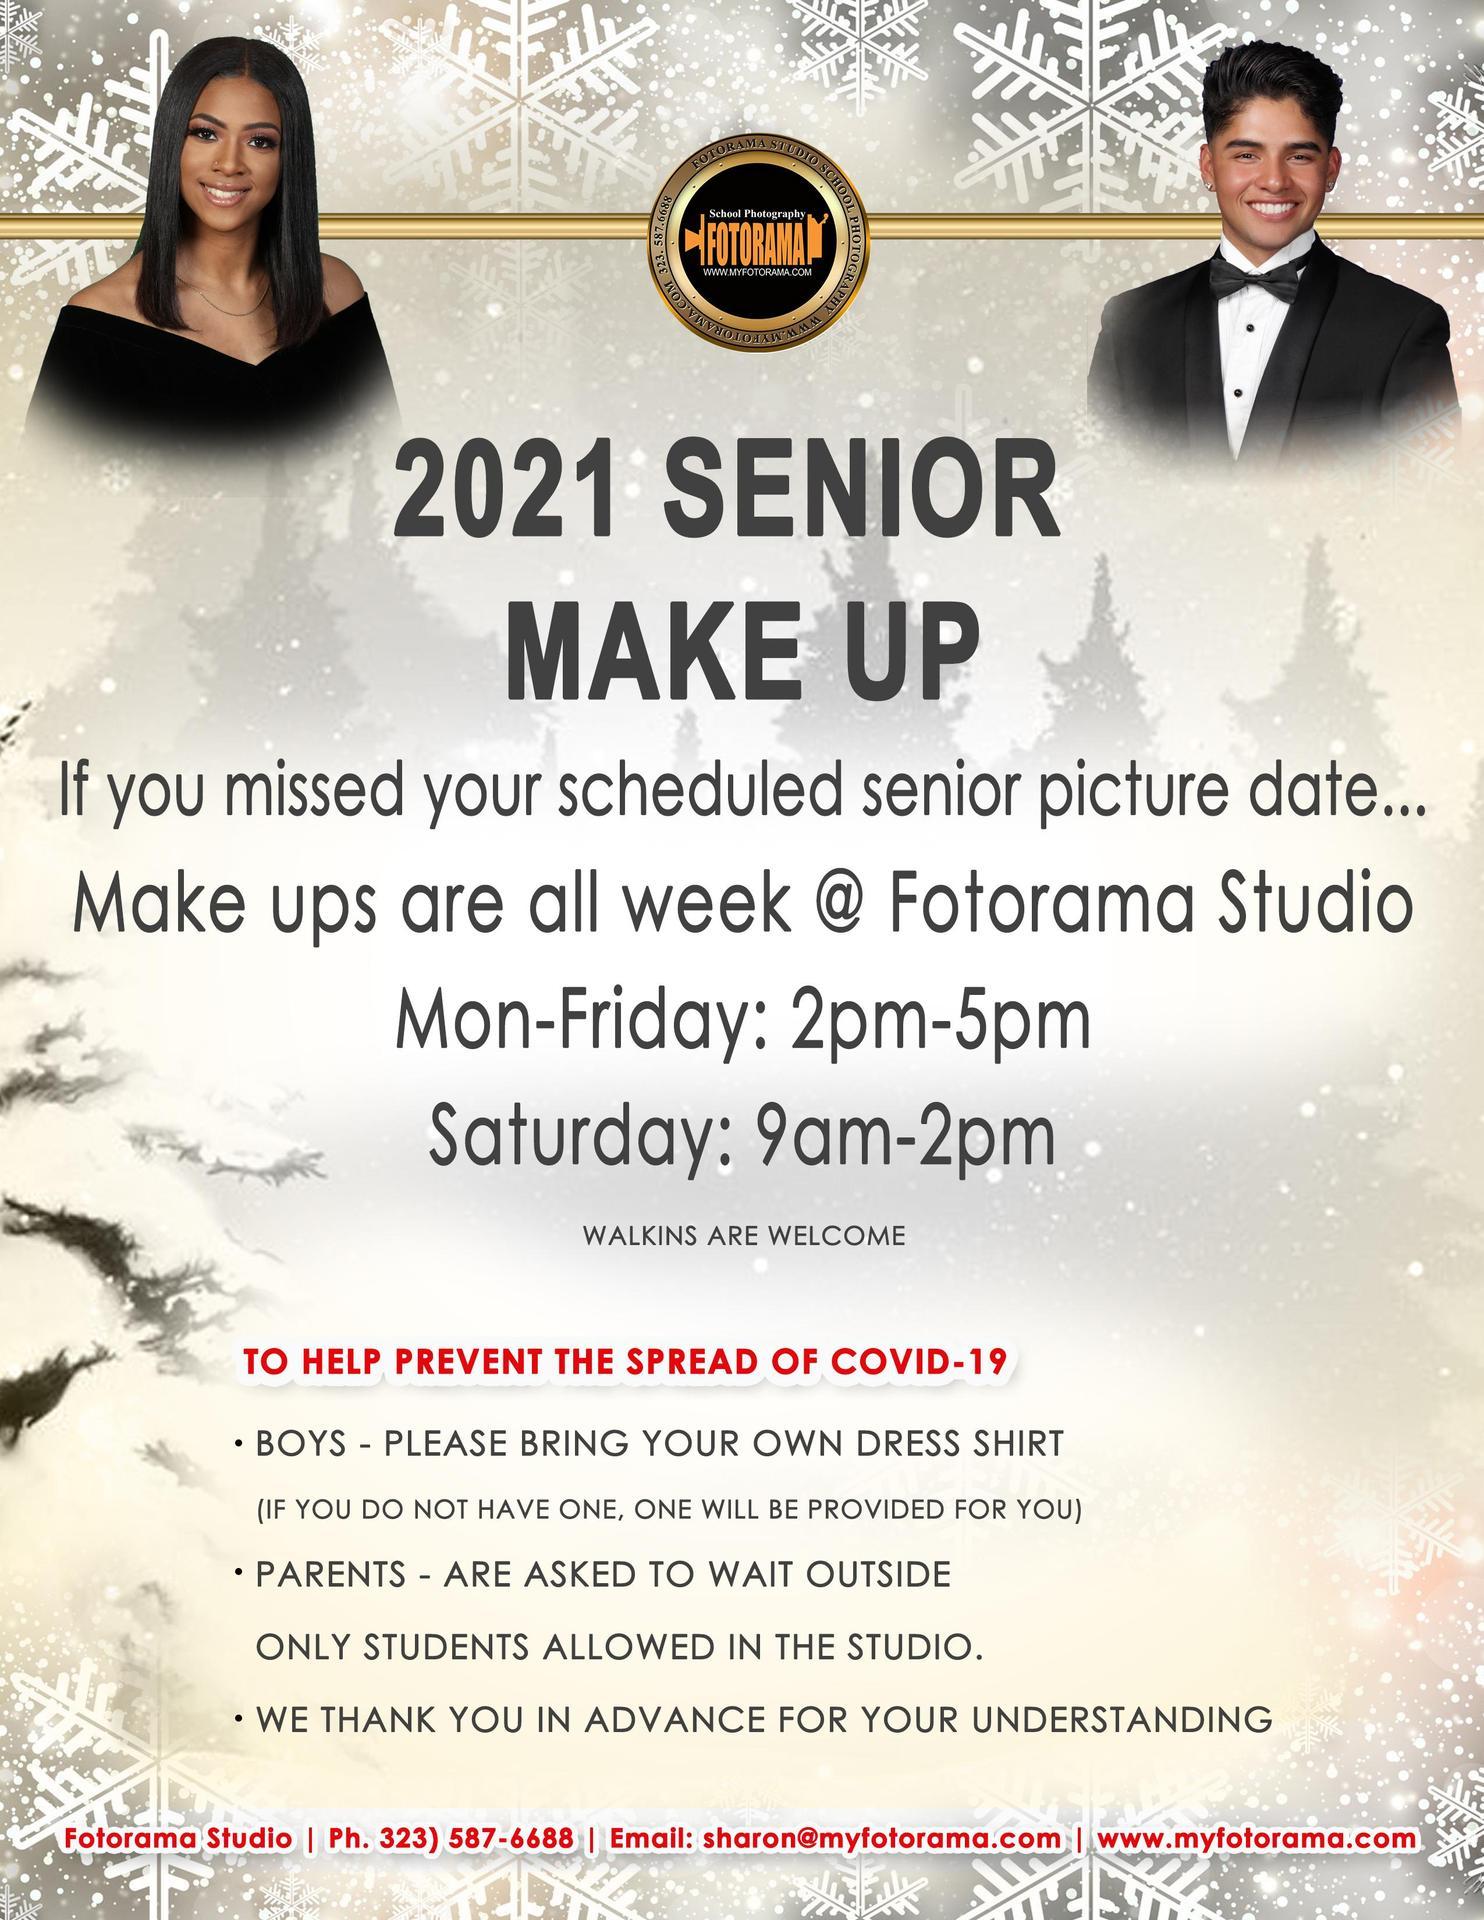 Senior Portrait Makeup Info